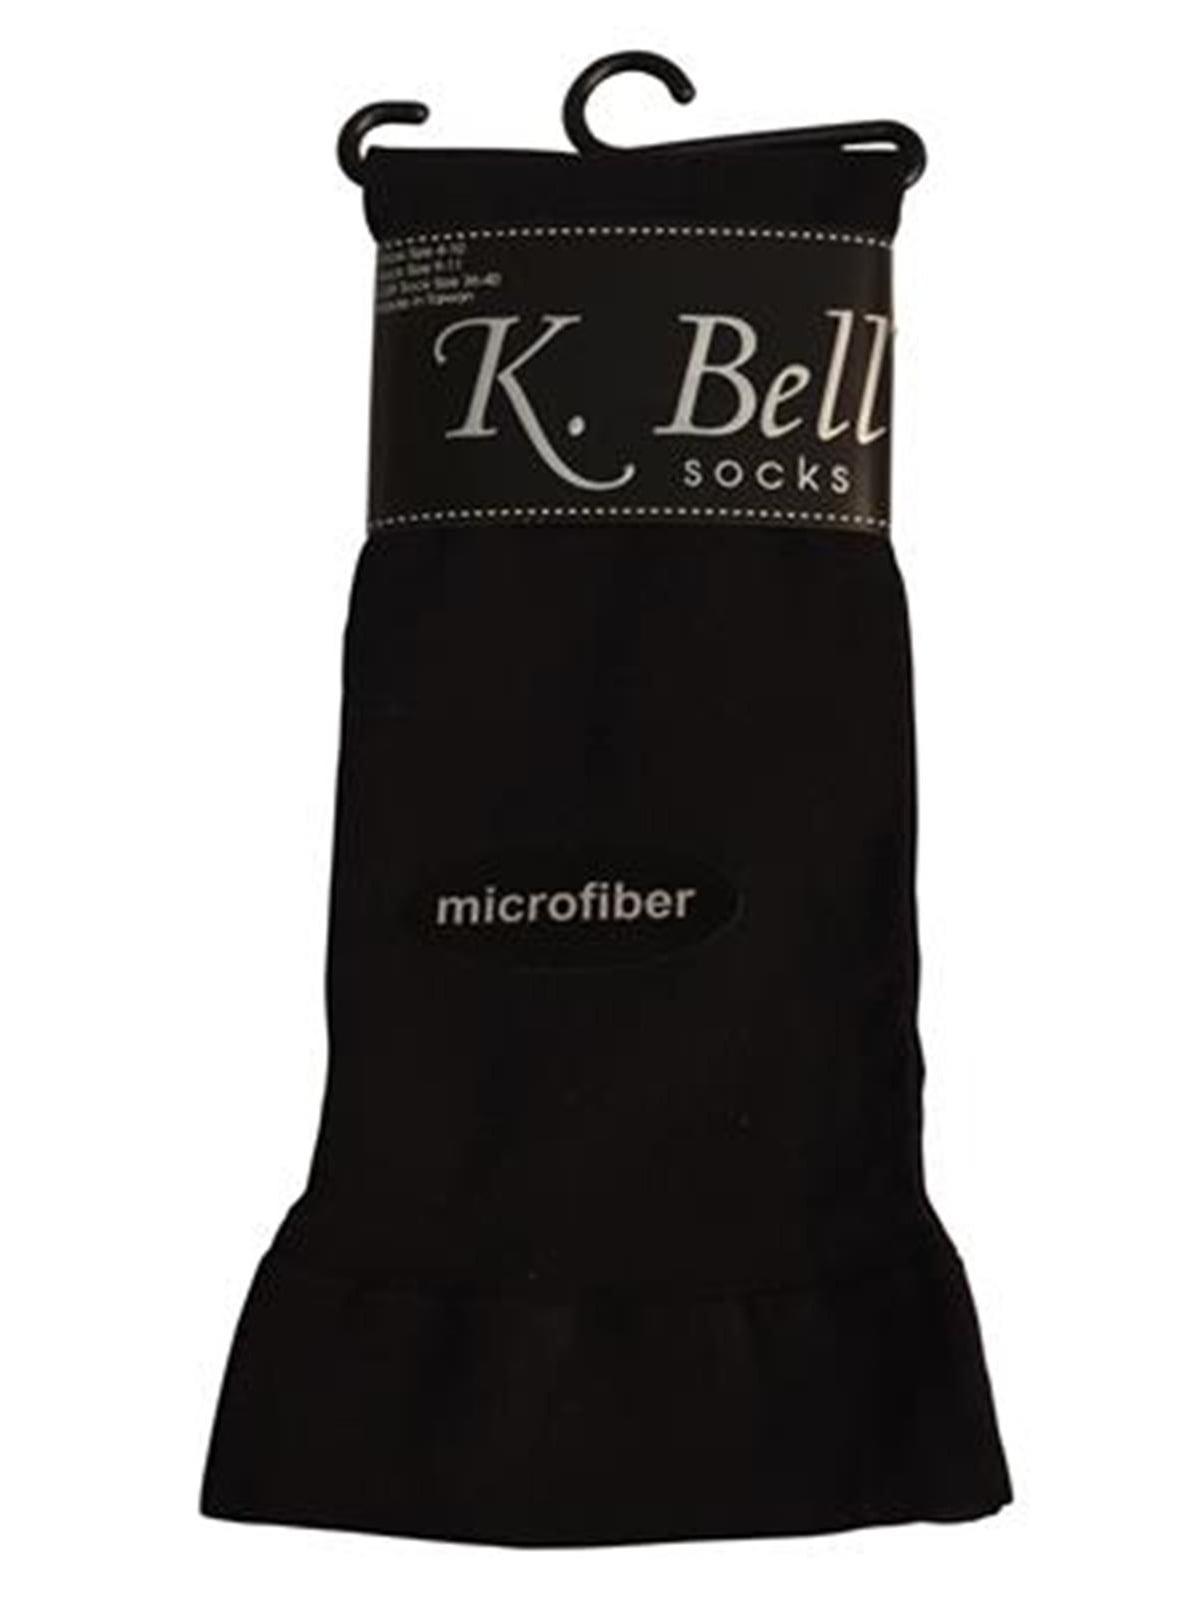 K. Bell Womens Microfiber Trouser Socks, 32026, 9-11, Black